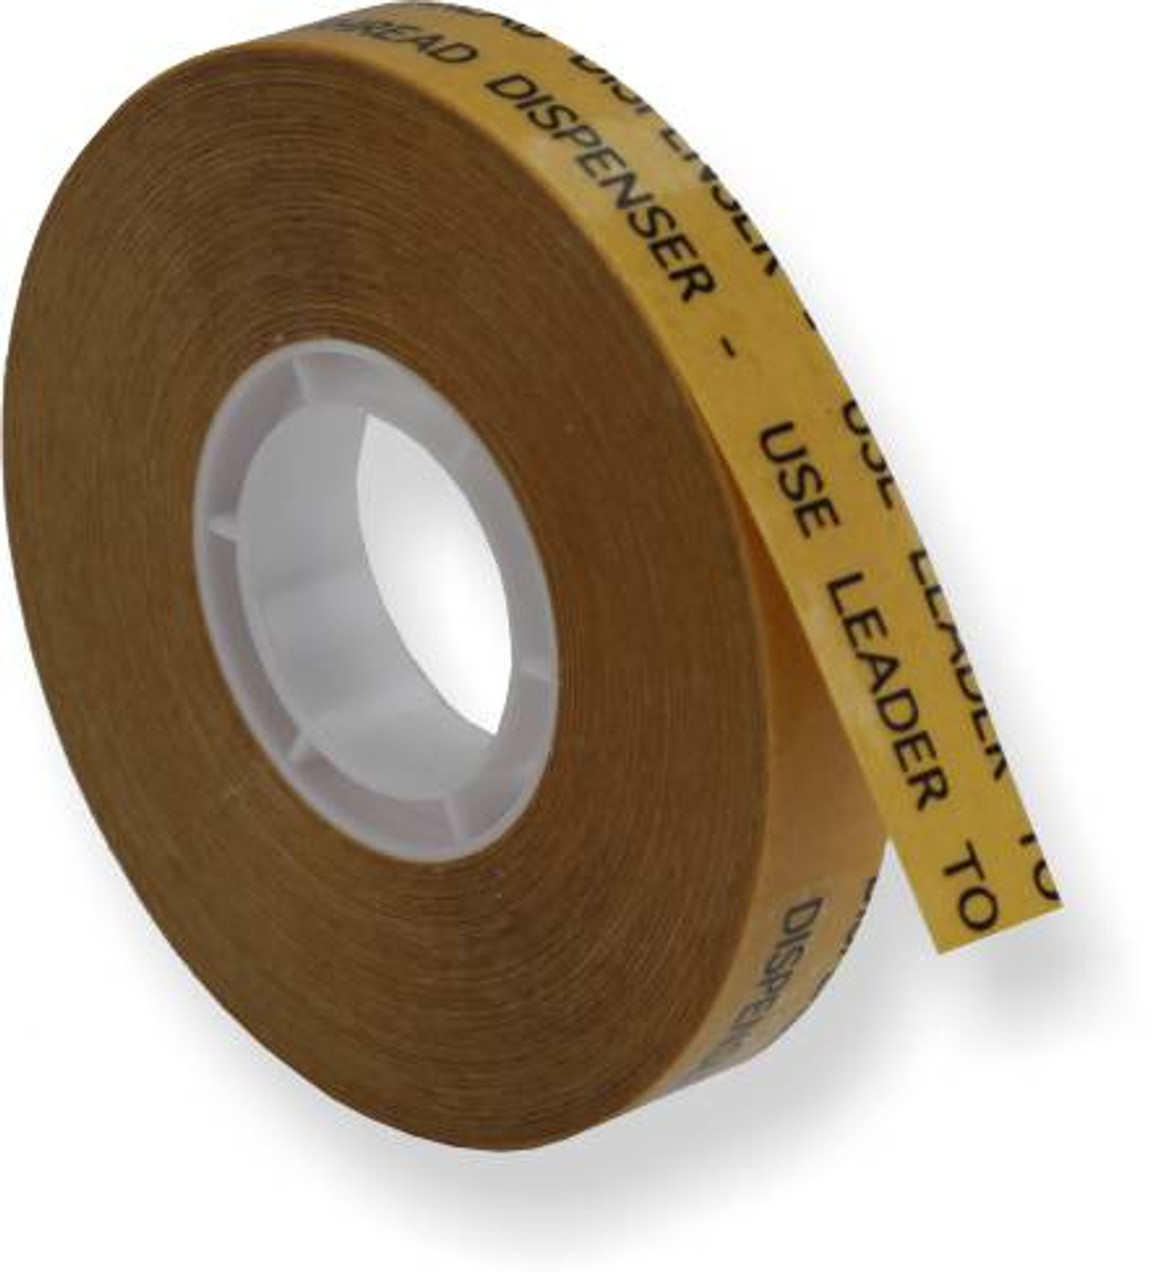 Tape gun roll